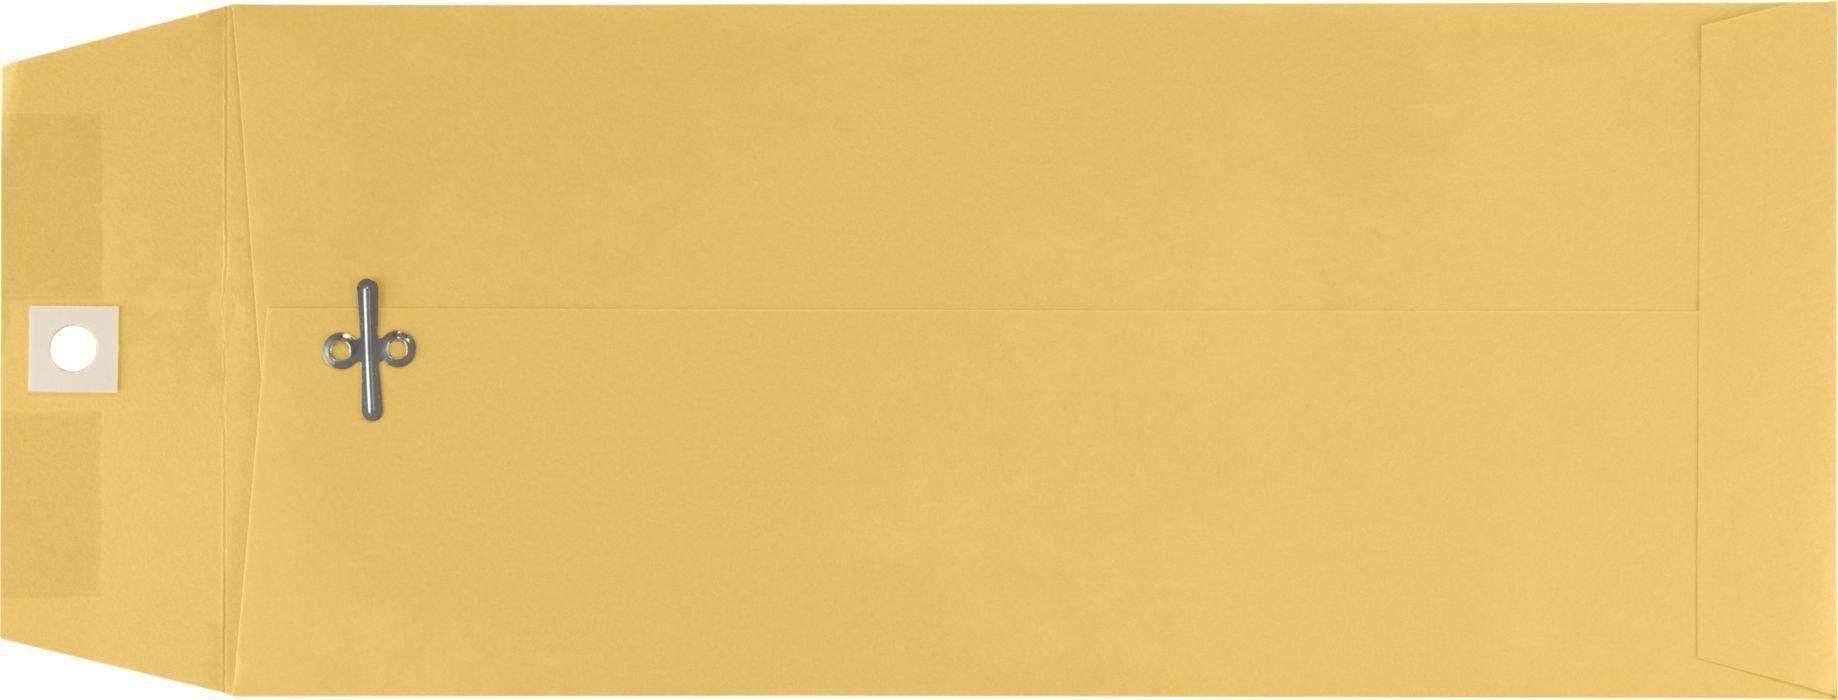 5'' x 11 1/2'' Open End Envelopes - 32lb. Brown Kraft (50 Qty.)